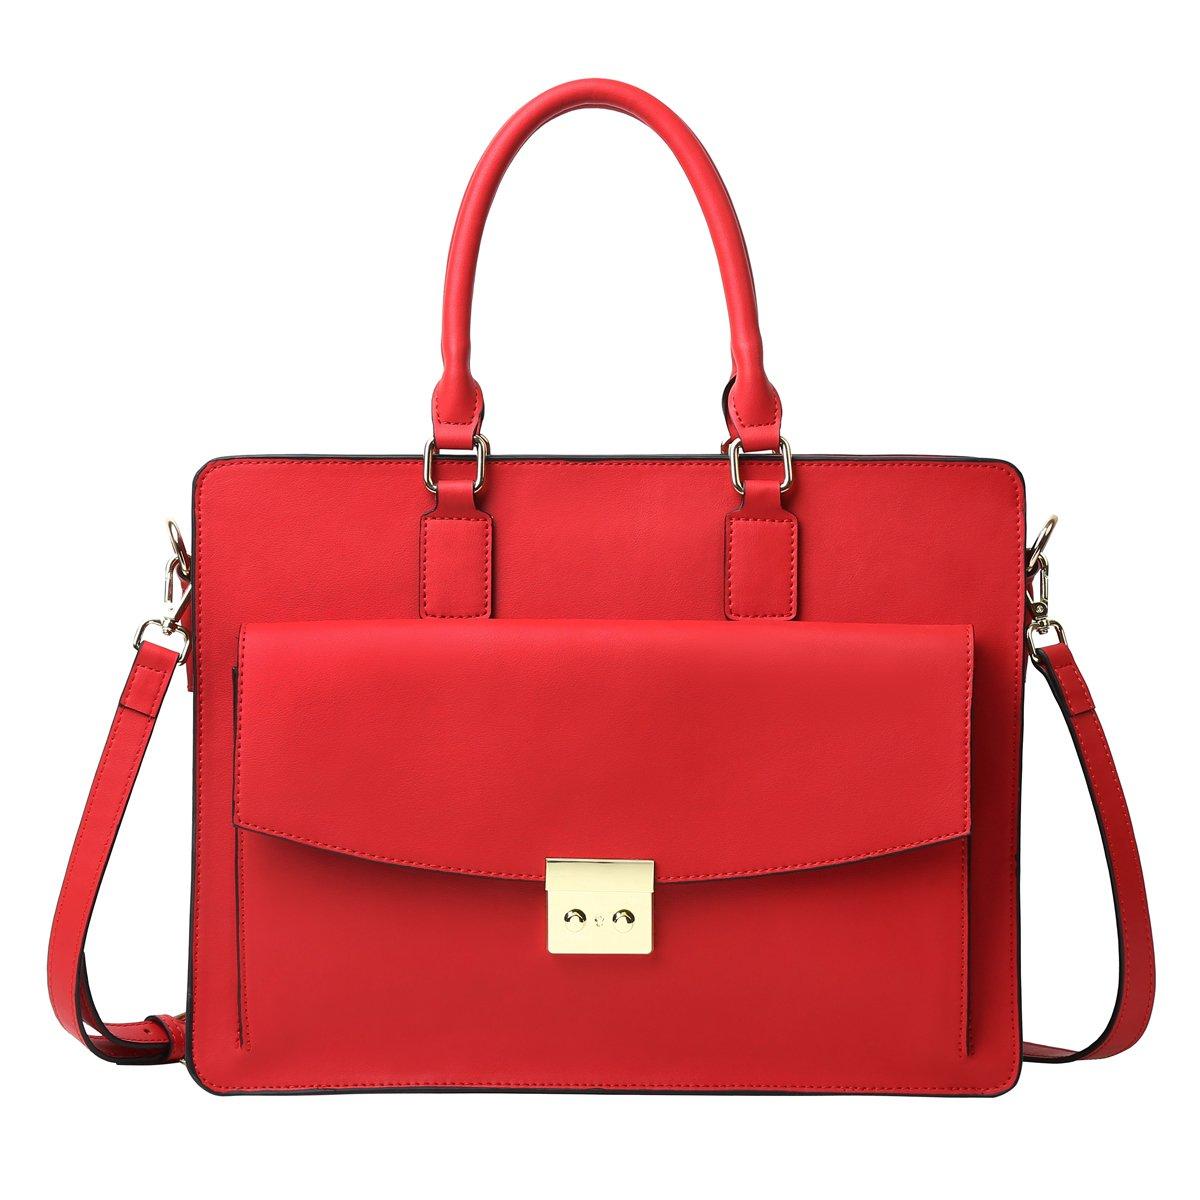 Leathario Damen Aktentasche Leder Umhängetasche Laptop Tasche 14 gut für Arbeit aus Rindsleder